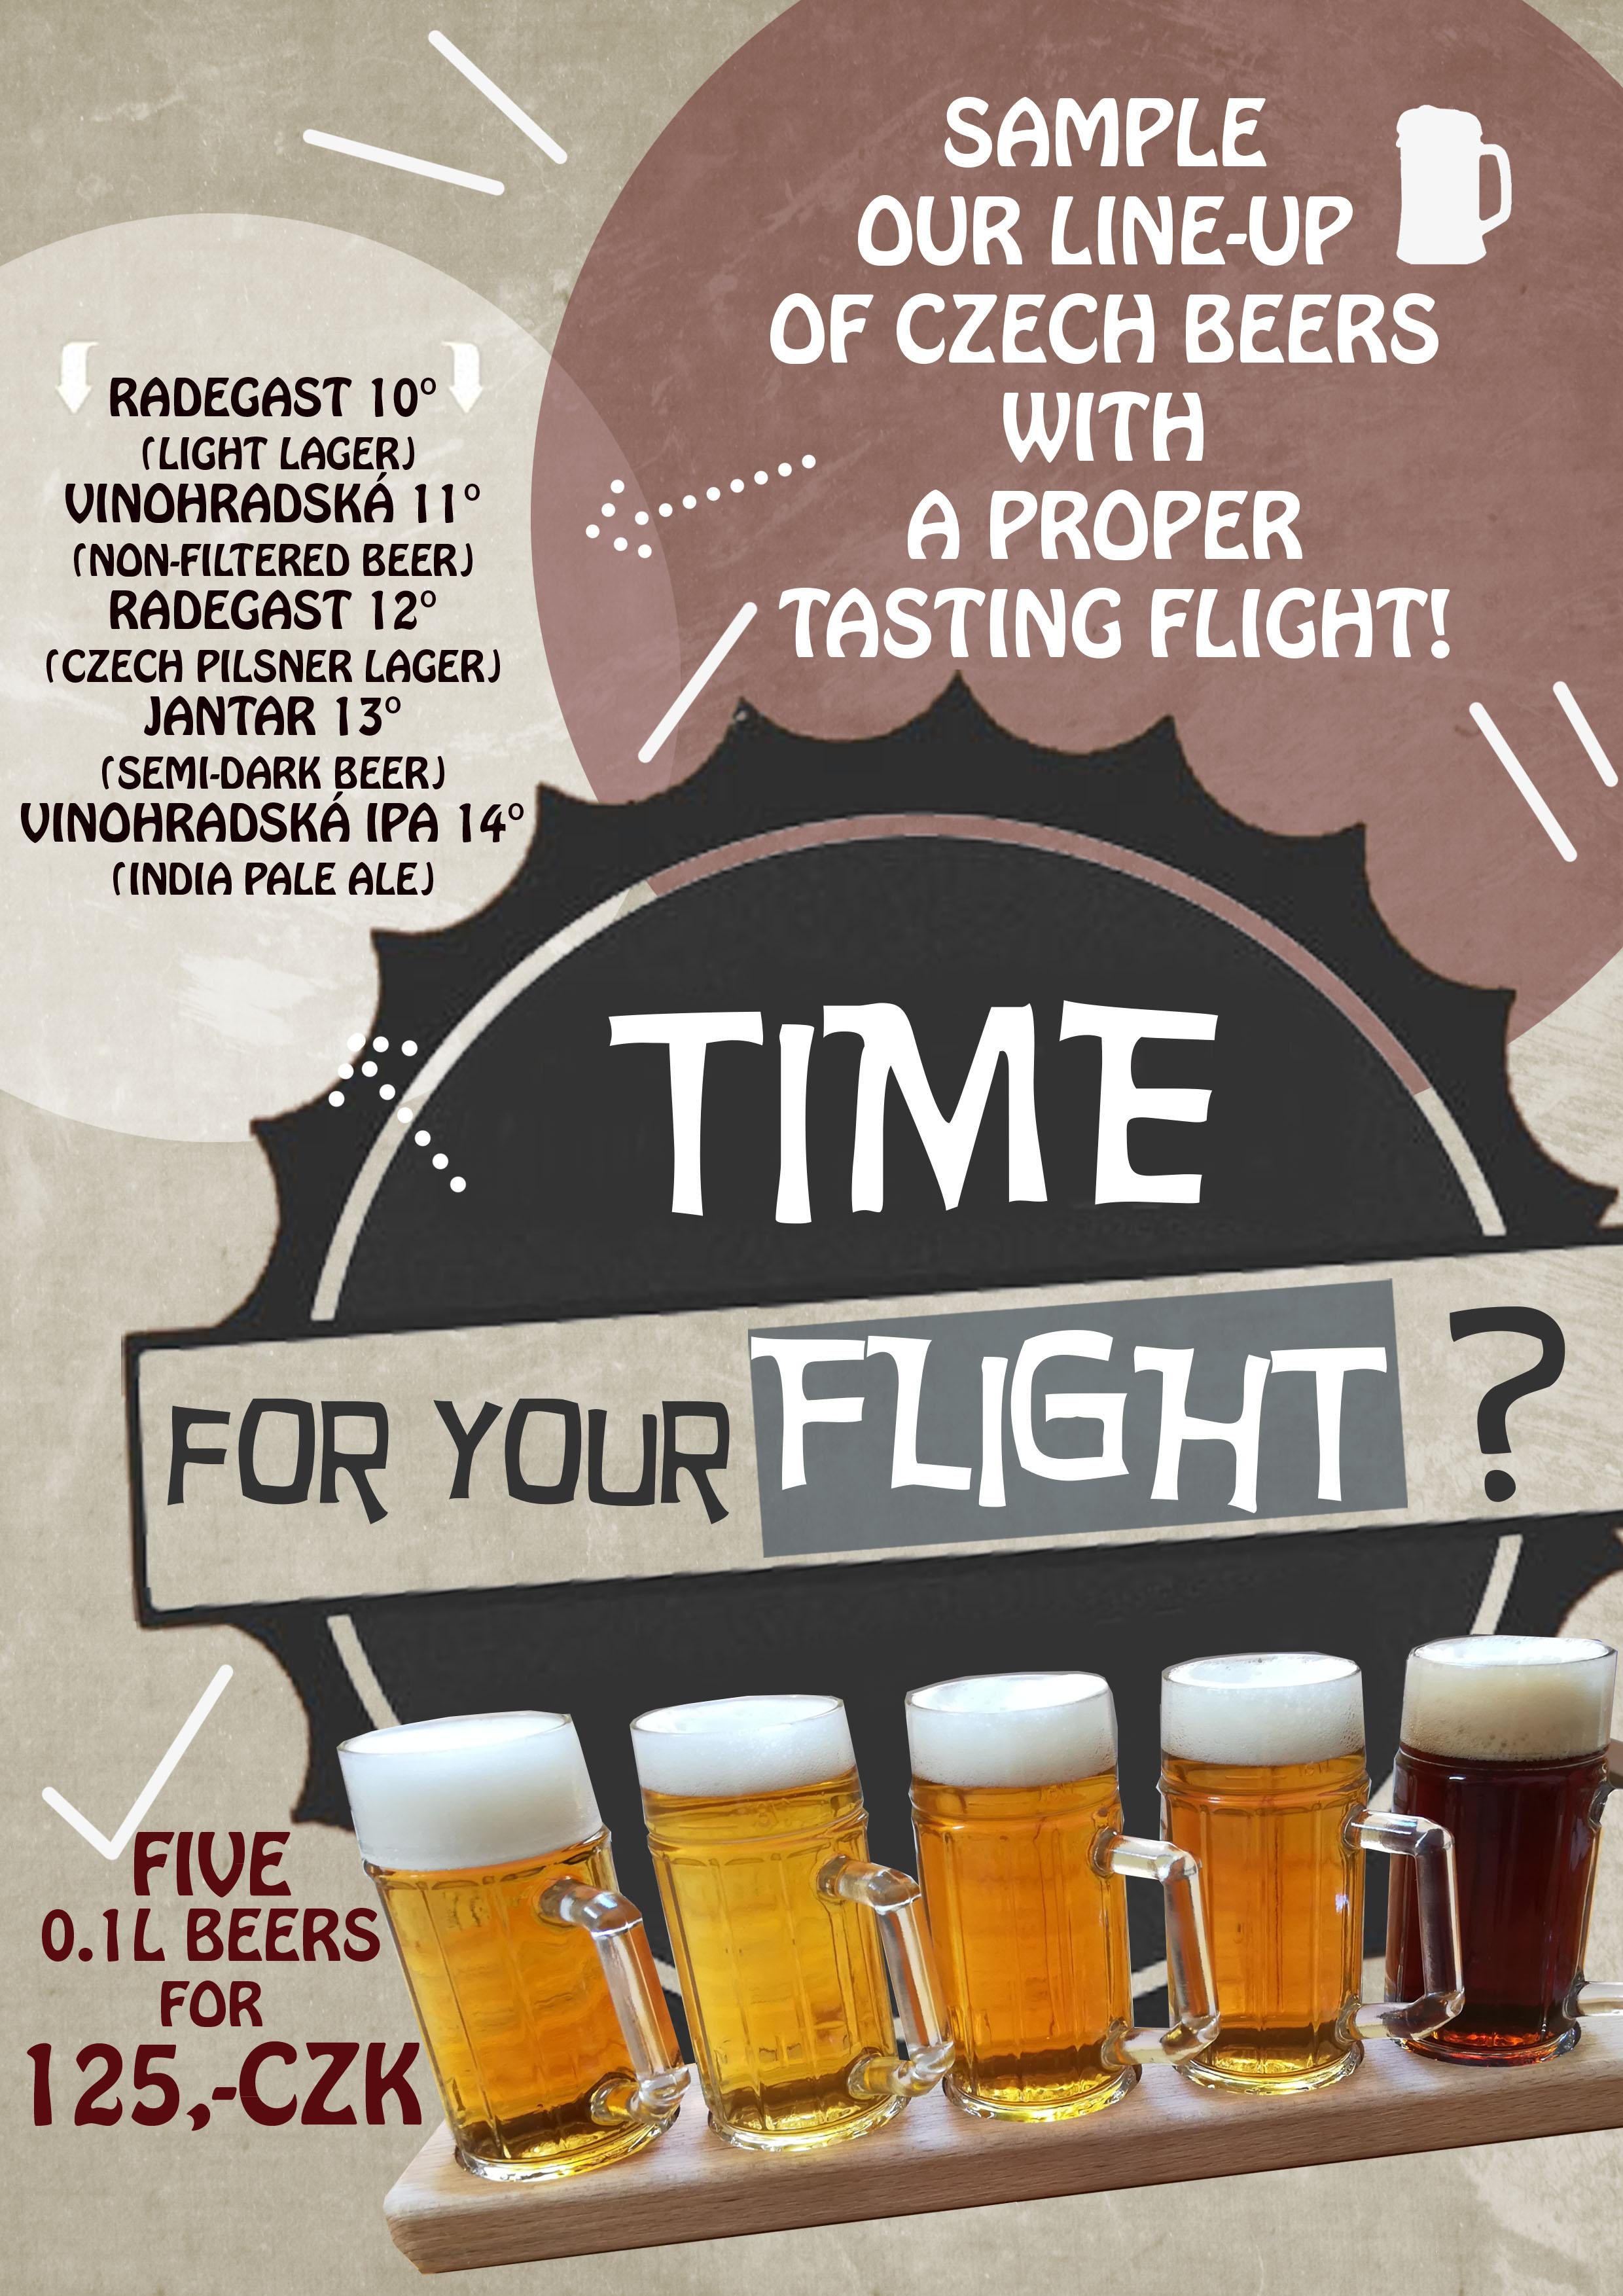 beer-sampler